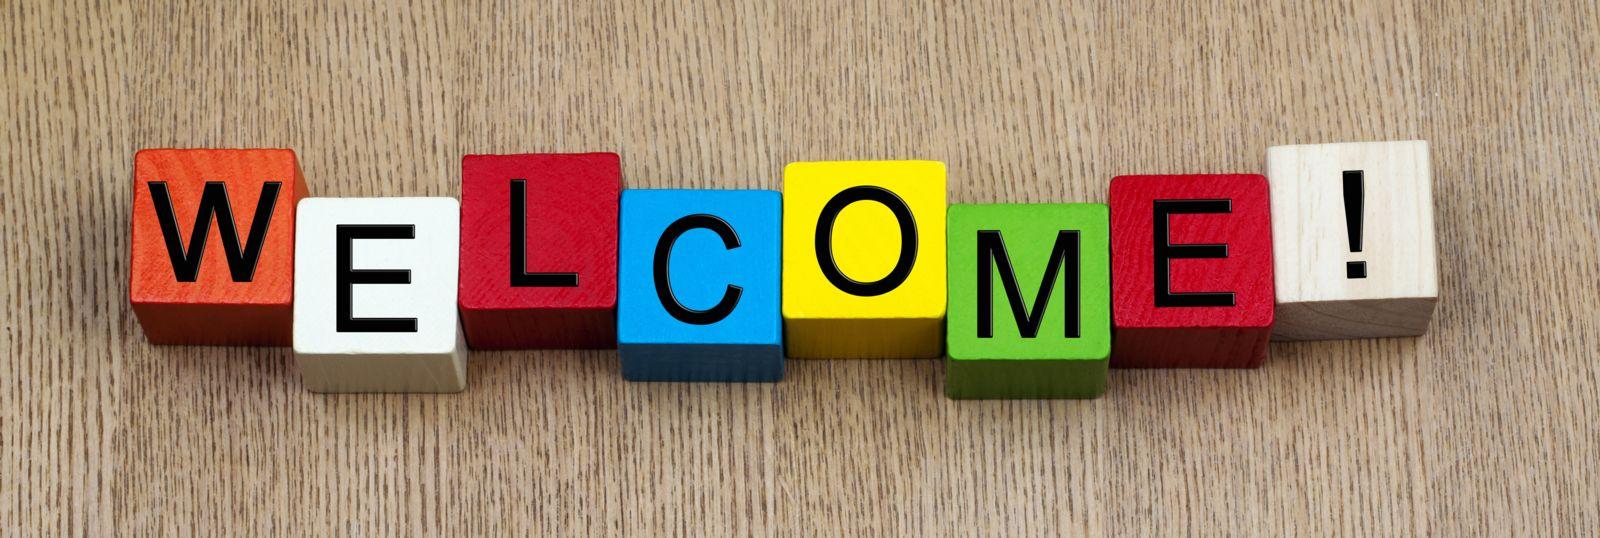 Welcome written in block letters